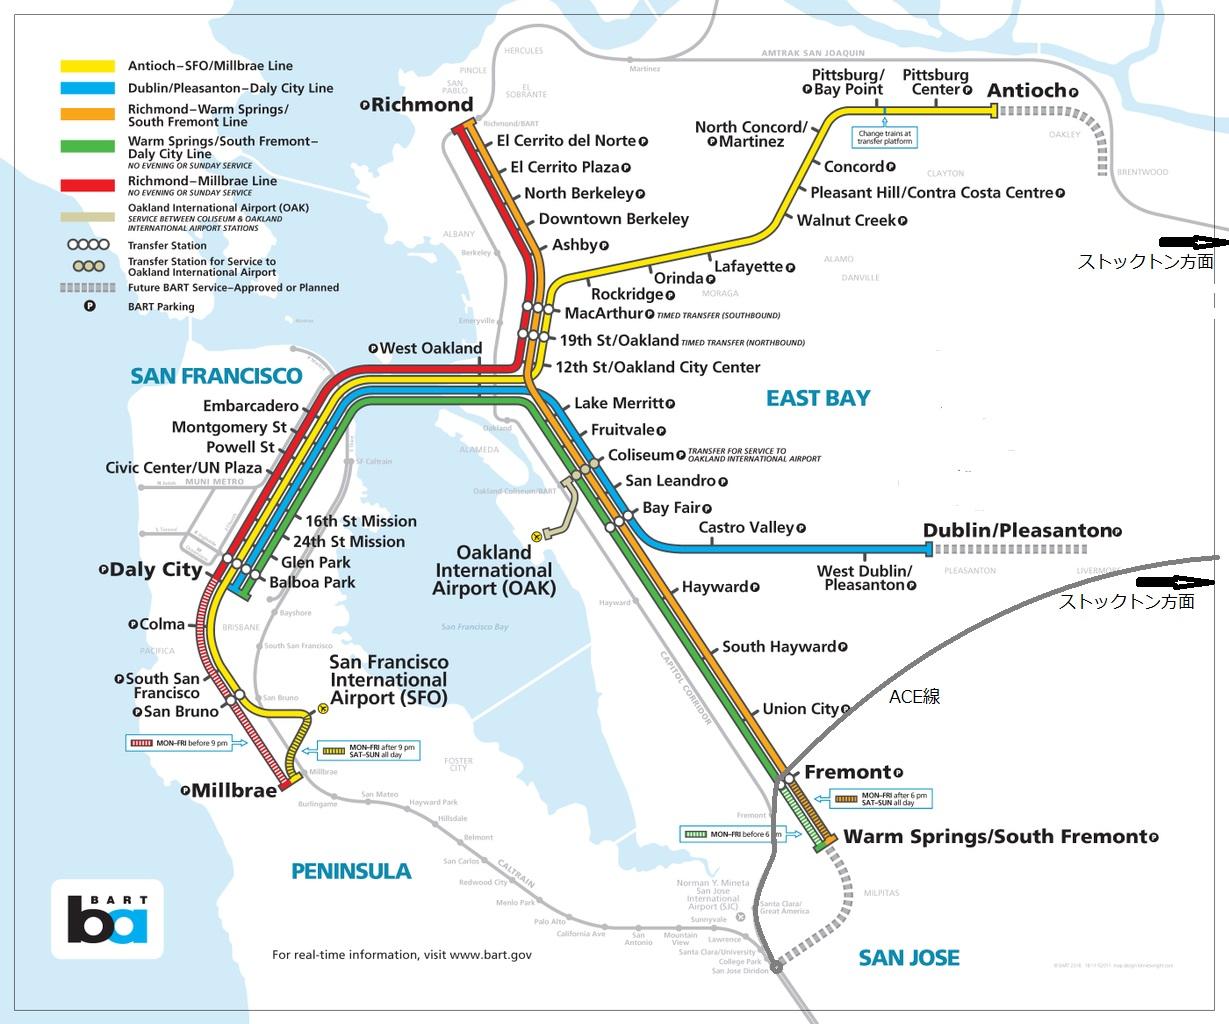 サンフランシスコ大都市圏の鉄道図